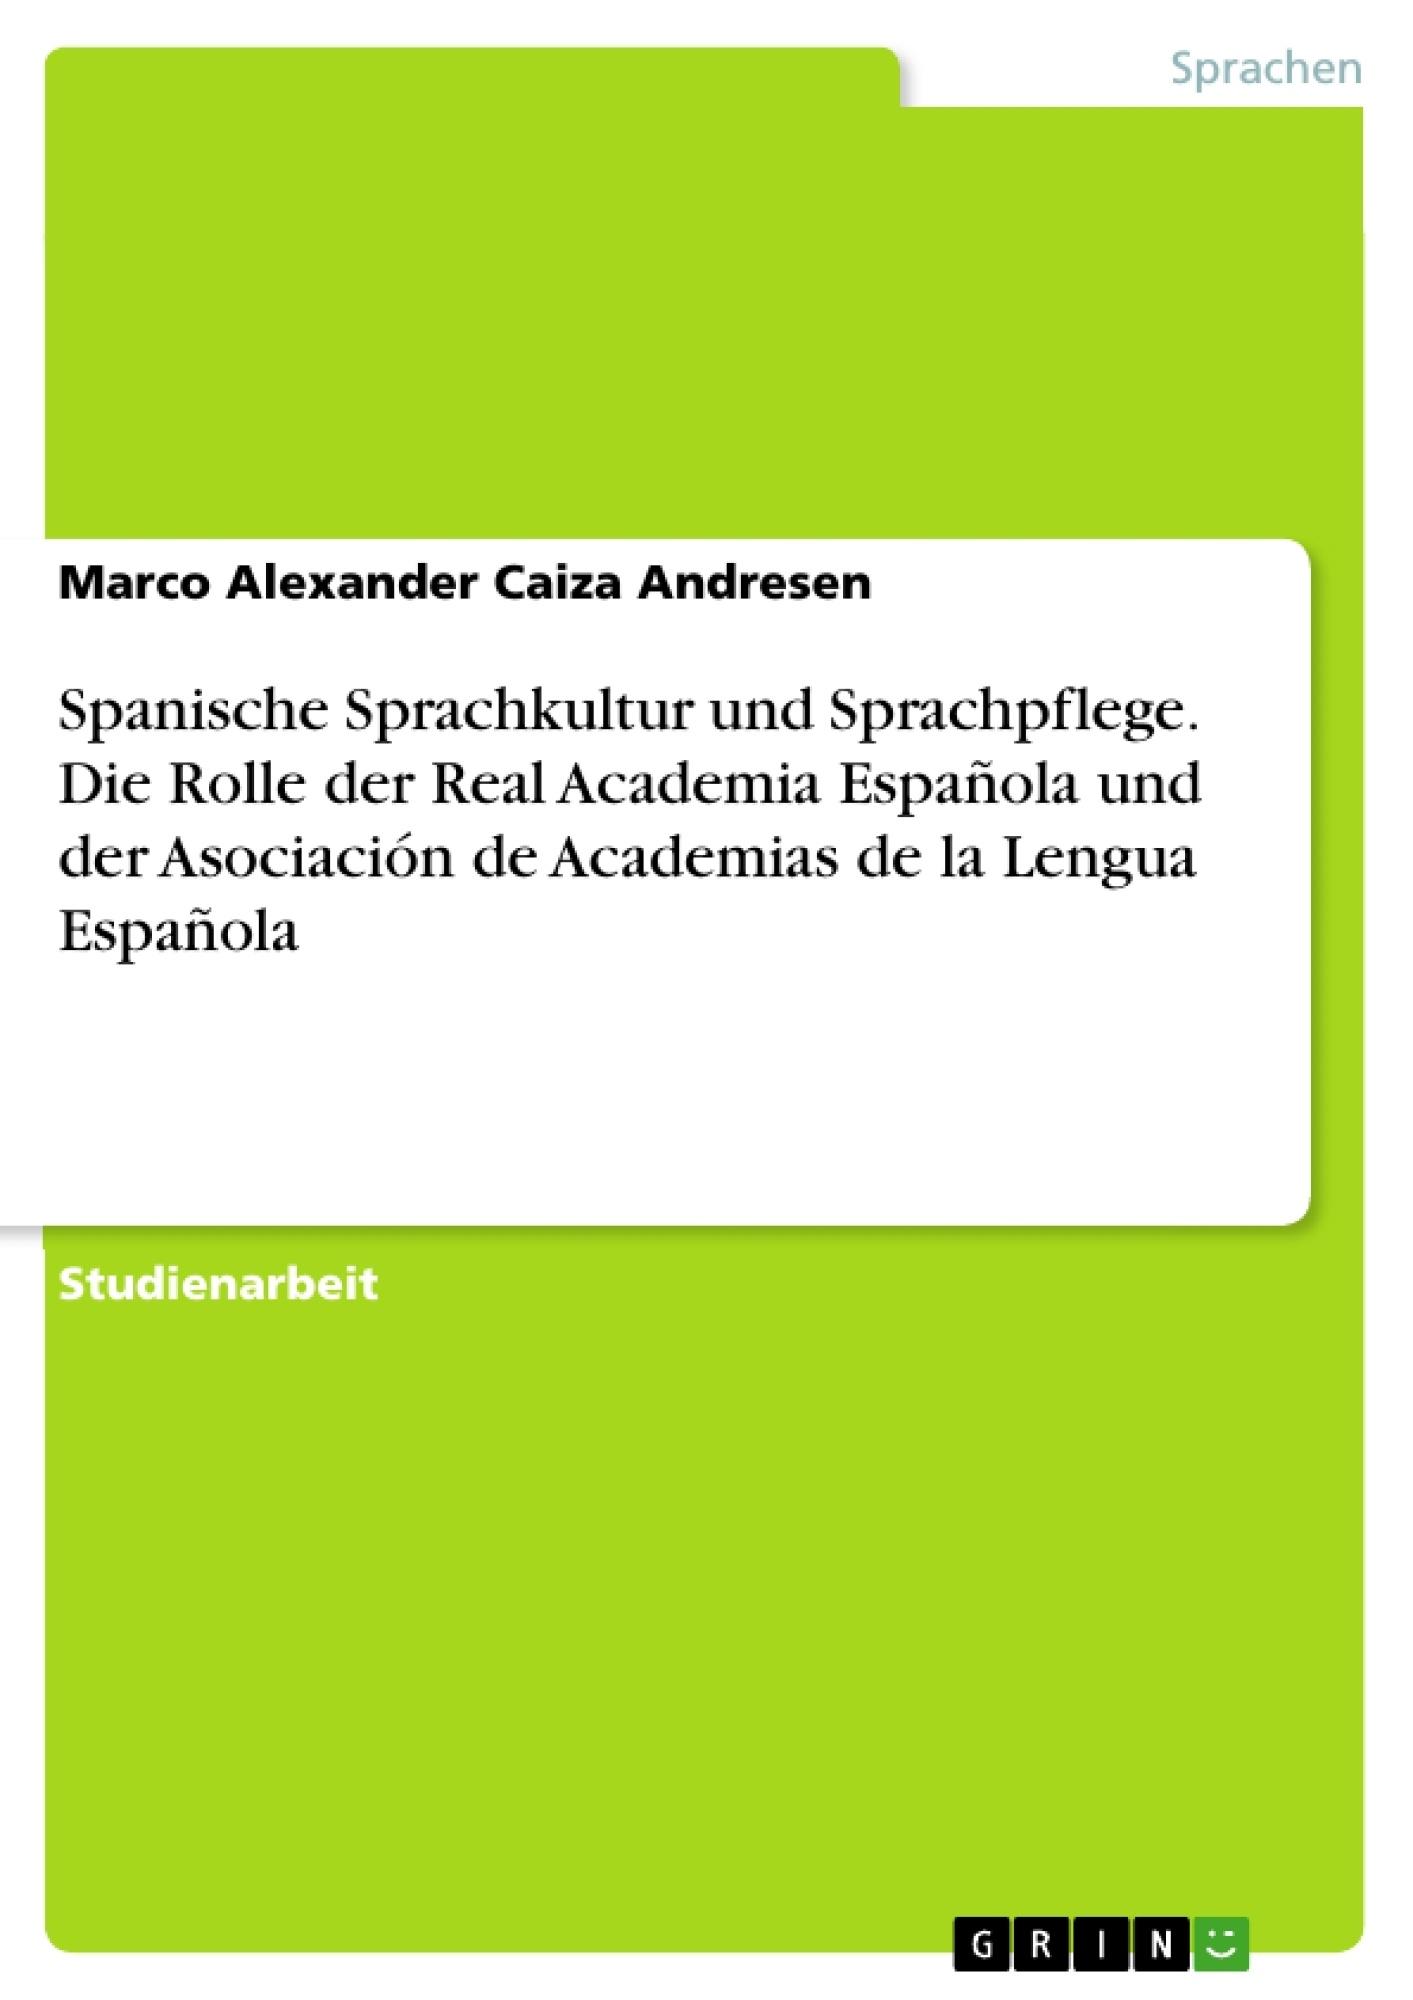 Titel: Spanische Sprachkultur und Sprachpflege. Die Rolle der Real Academia Española und der Asociación de Academias de la Lengua Española